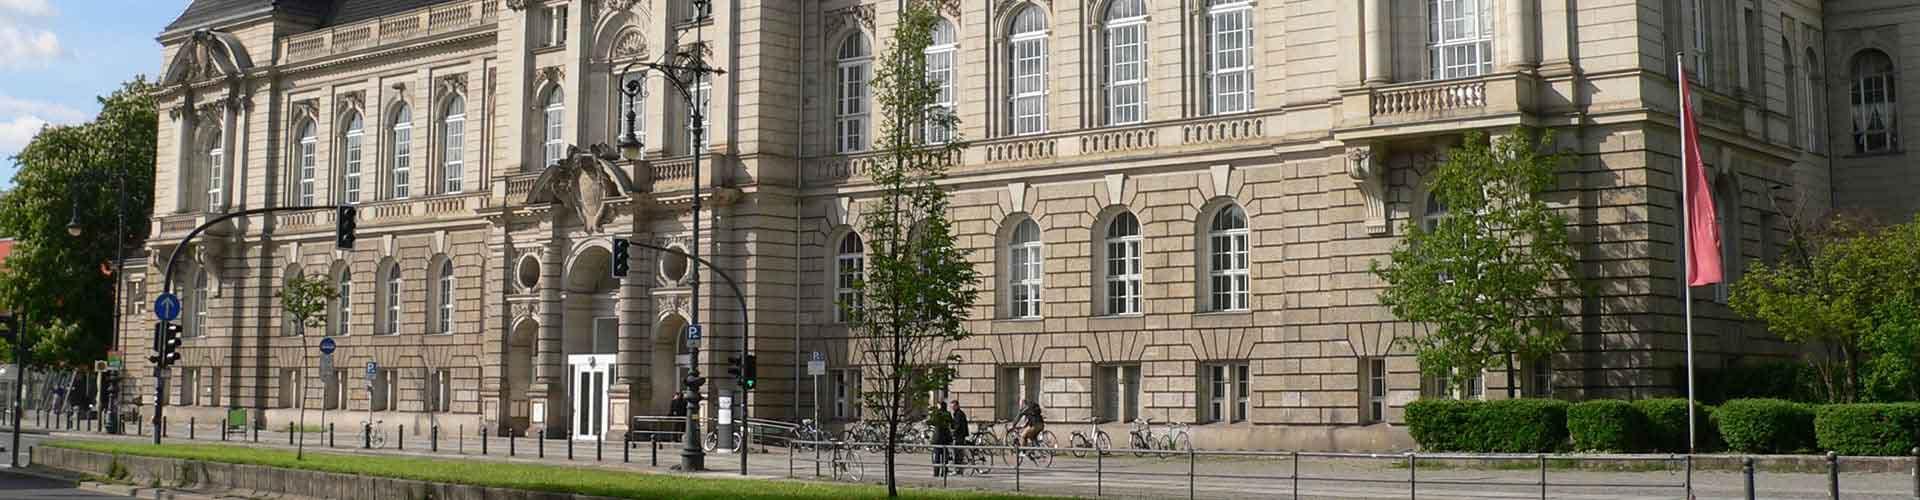 ベルリン – Berzik Charlottenburg地区のユースホステル. 地図 ベルリン, すべてのユースホステルの写真とレビュー ベルリン.